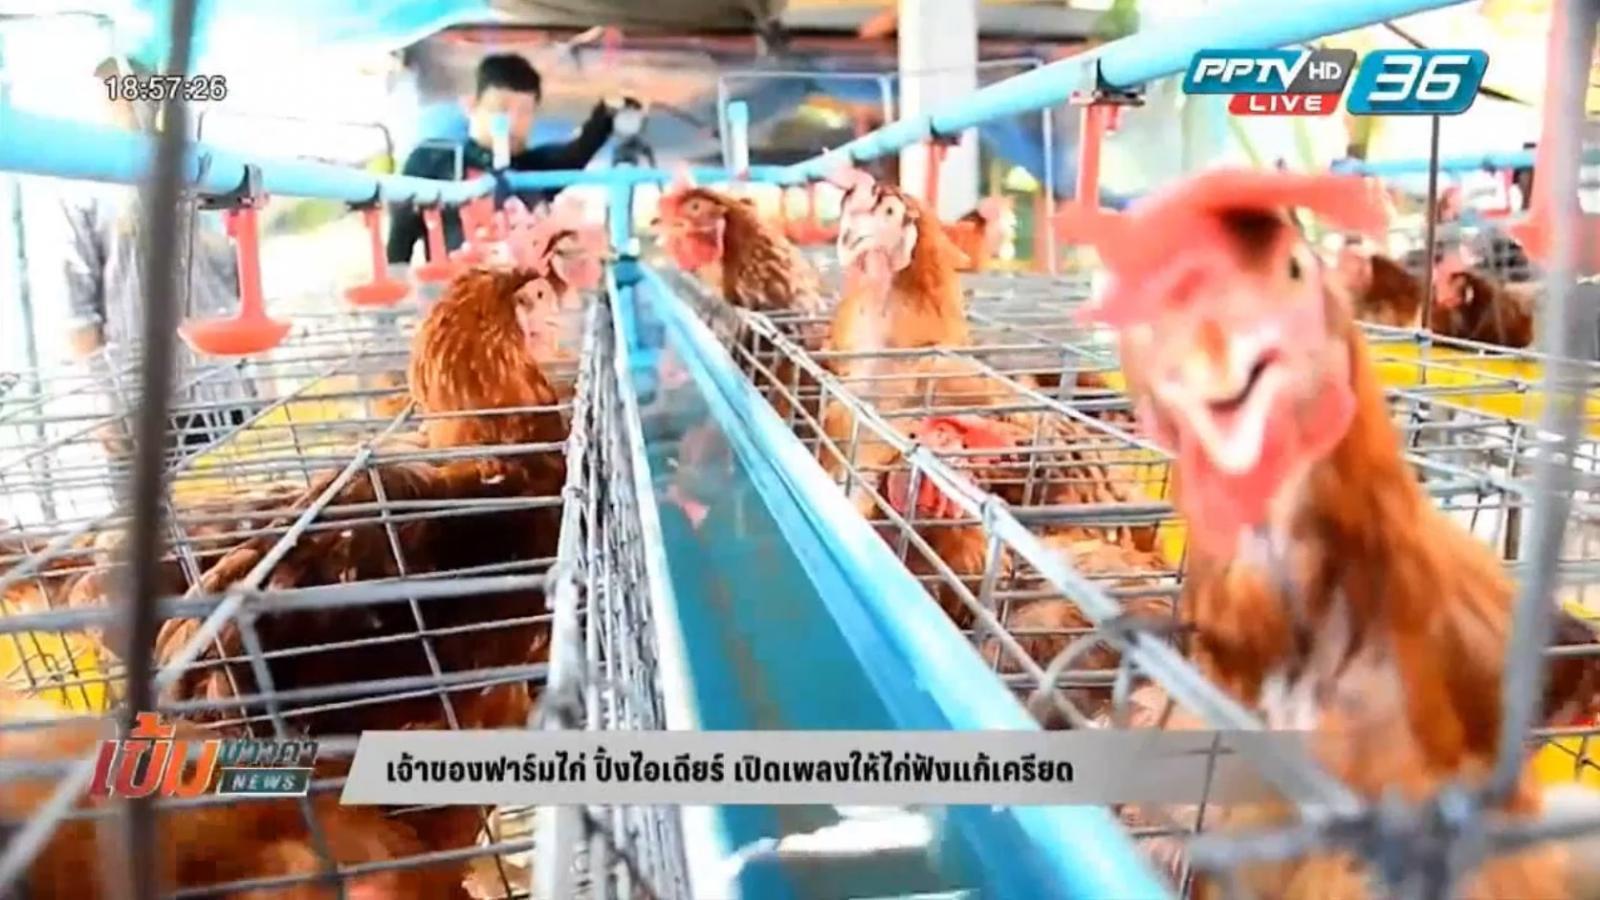 เจ้าของฟาร์มไก่ ปิ้งไอเดียร์ เปิดเพลงให้ไก่ฟังแก้เครียด